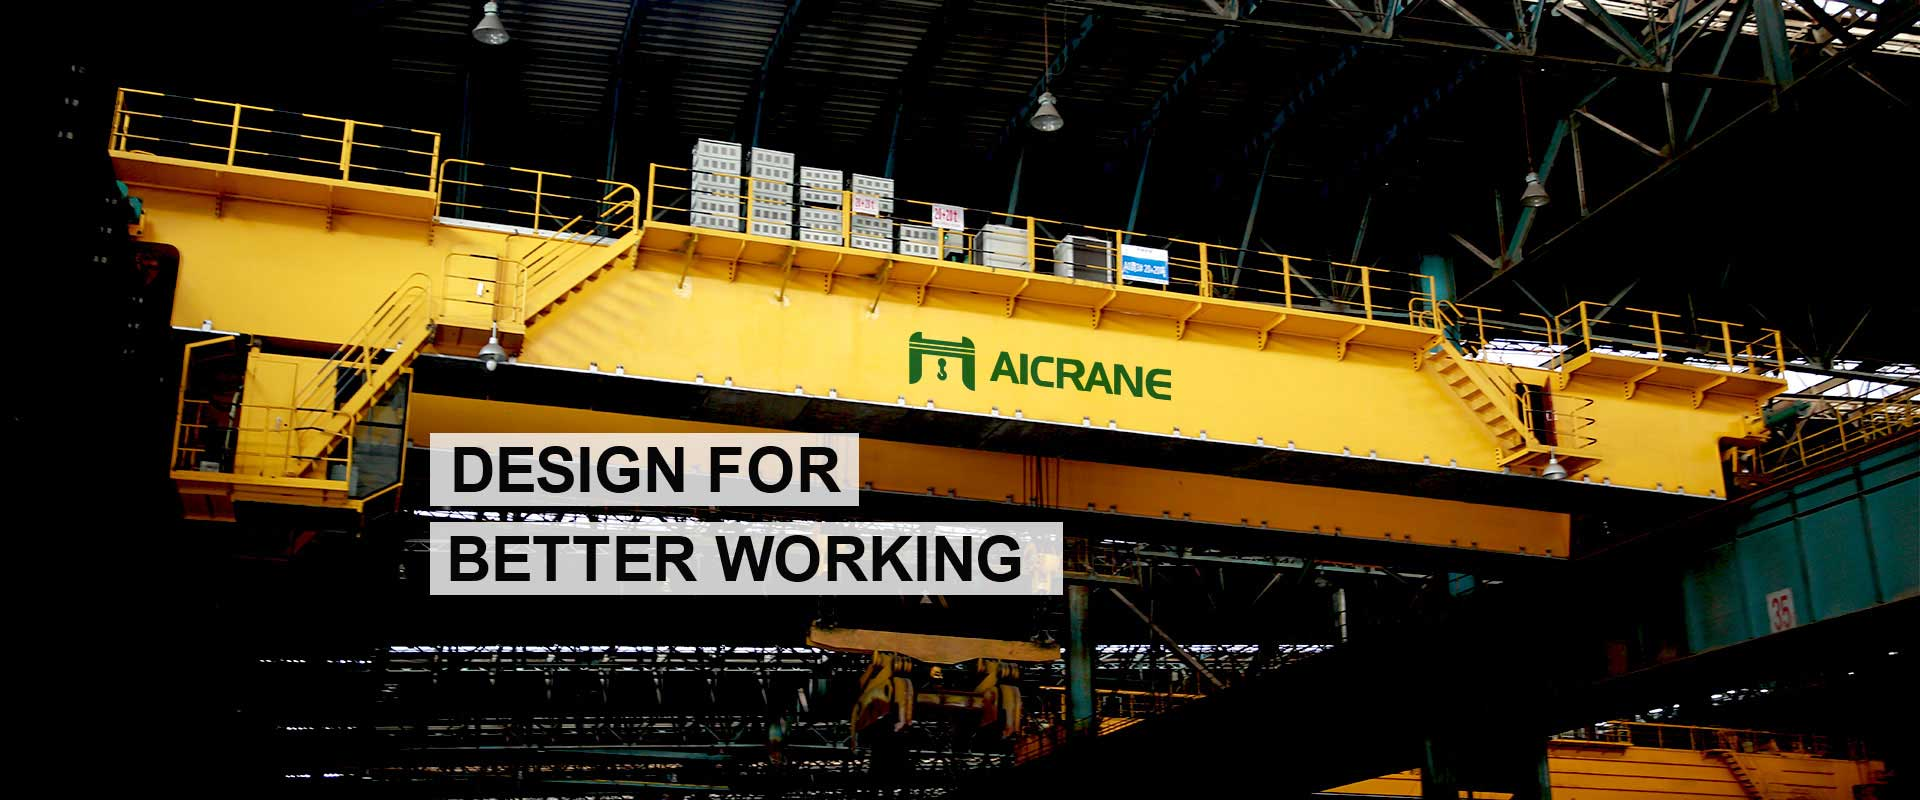 aicrane ovberhead crane supplier